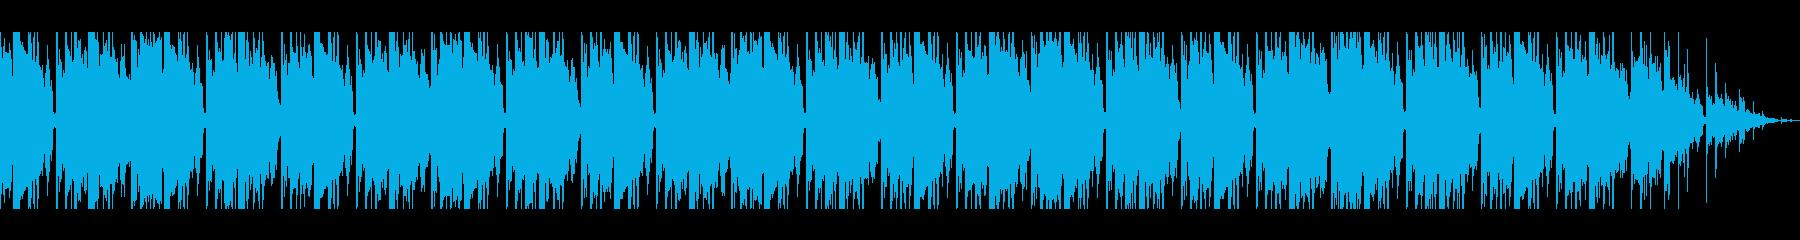 ホラー サスペンス ピアノ BGMの再生済みの波形